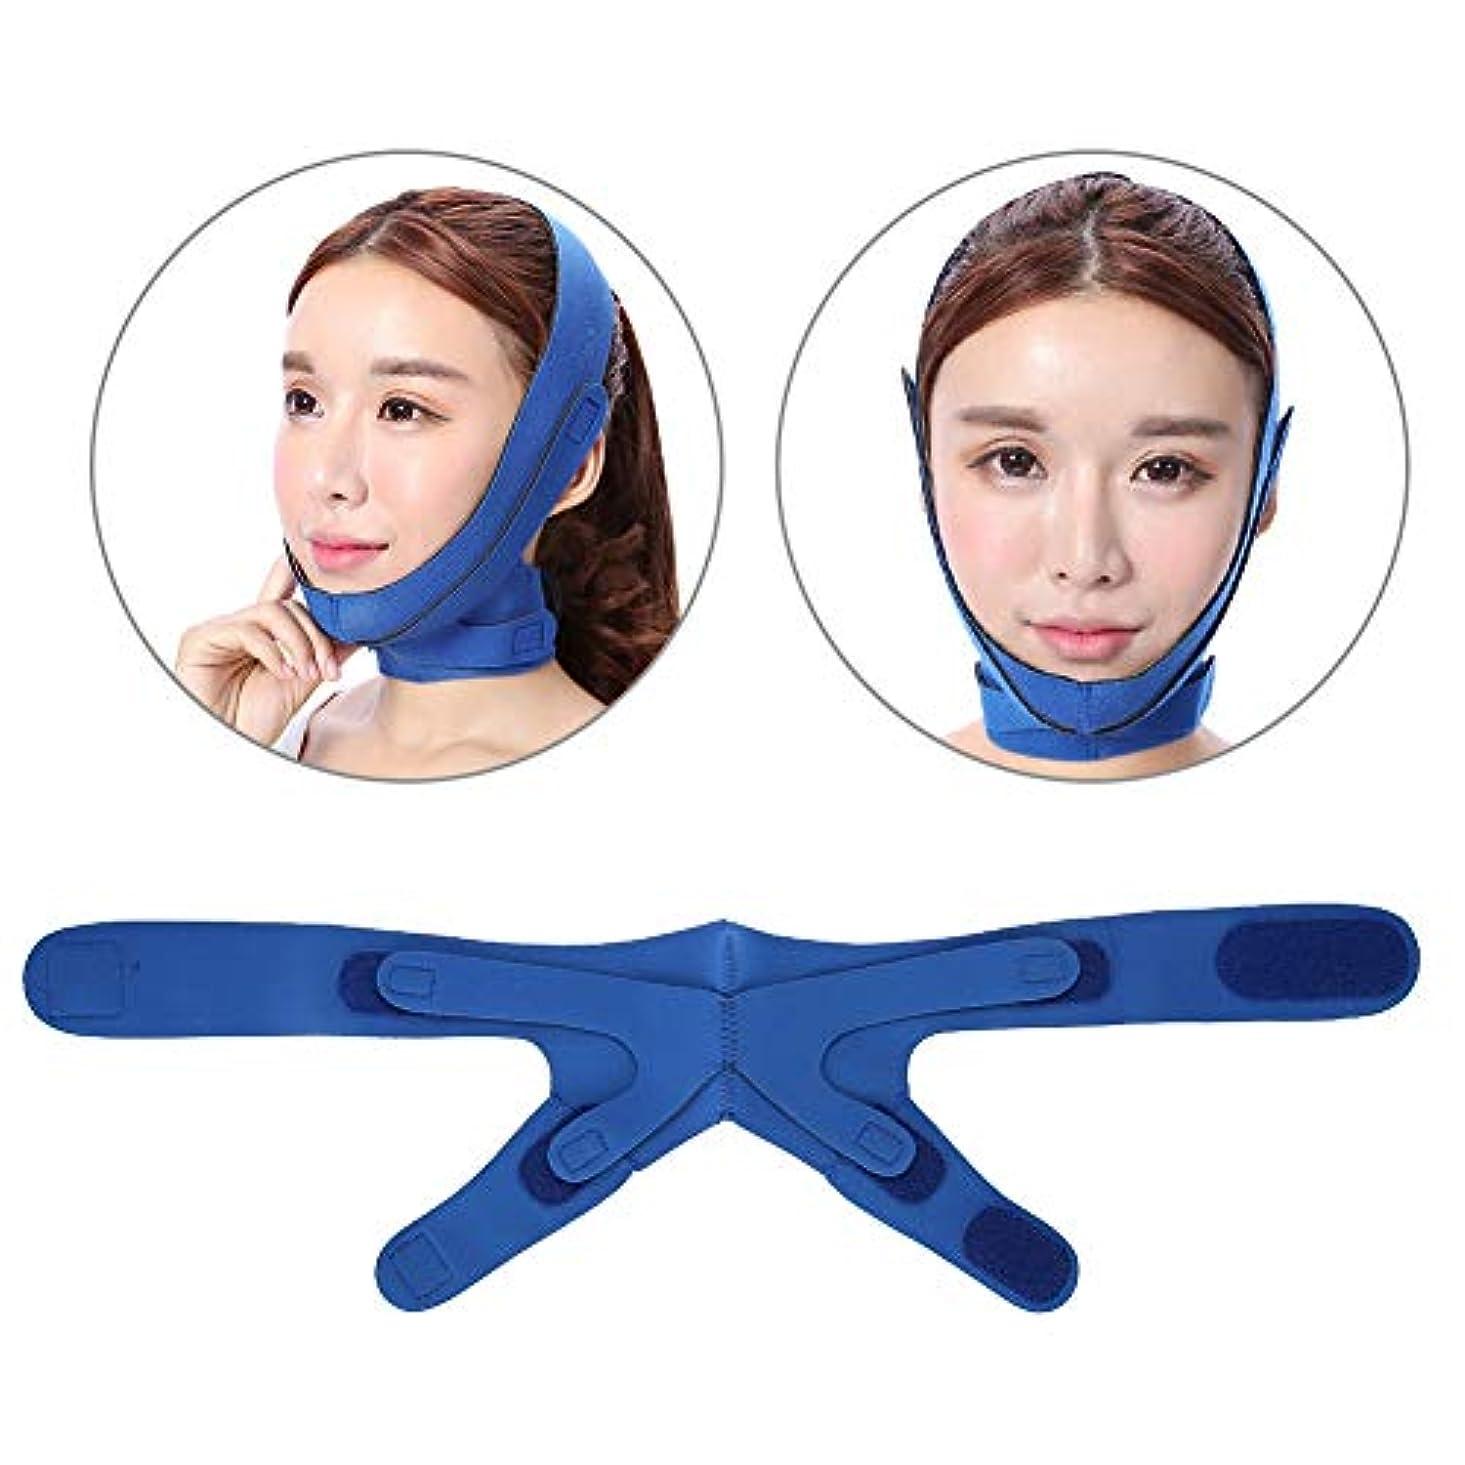 くぼみアロング荒涼としたVラインバンド首の圧縮の表面、反二重あごの 引き締まった肌の革紐の調節可能な引き締めの表面スキンケアの持ち上がる覆いのための持ち上がる表面ベルトの顔の細くのあごのマスク